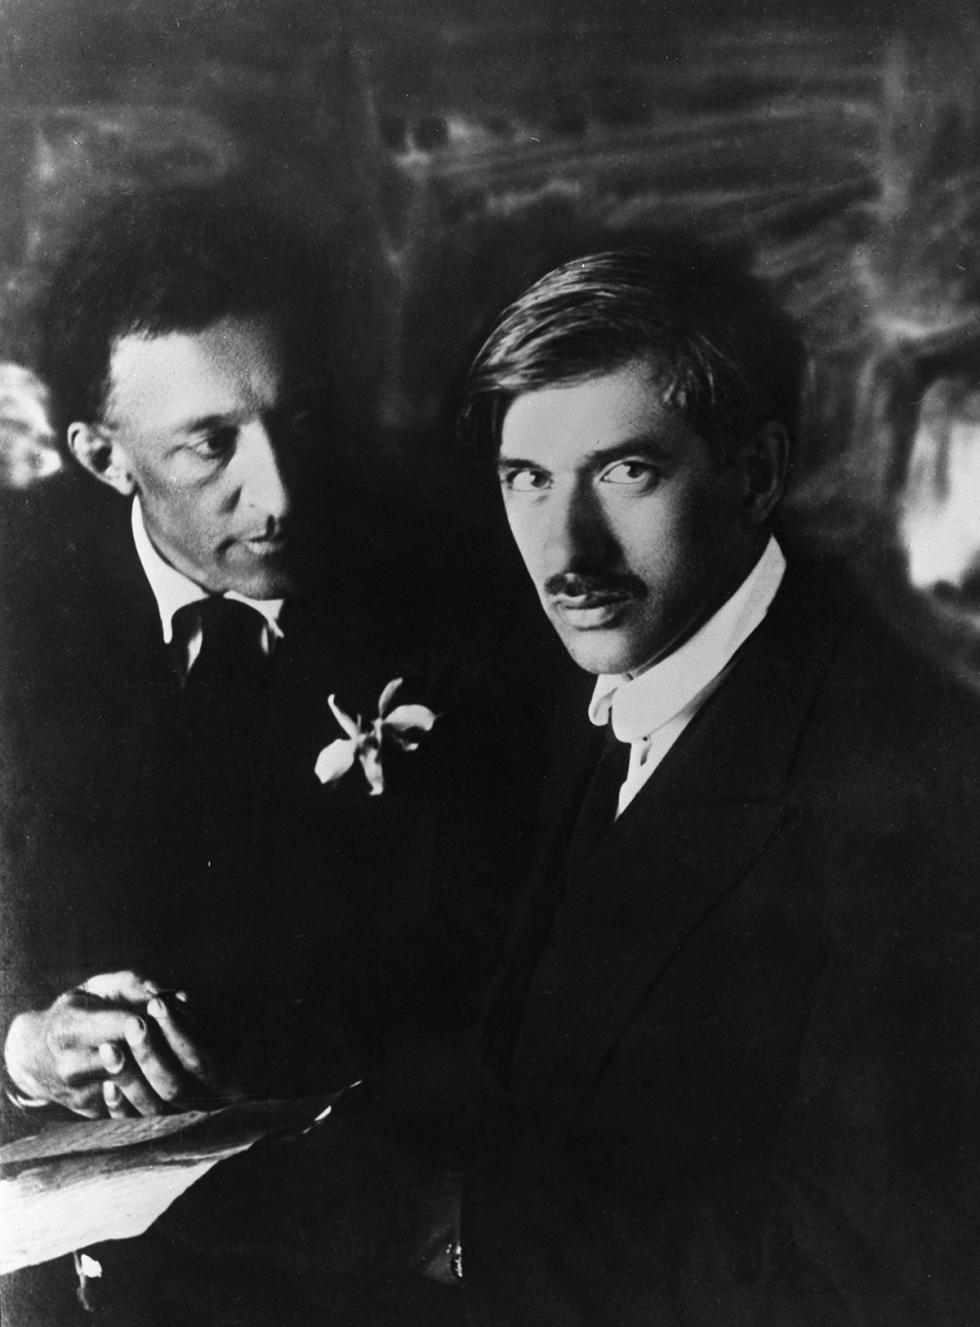 亚历山大·勃洛克和科尔涅伊·楚科夫斯基,1921年。图片来源:Moisei Nappelbaum / 俄新社